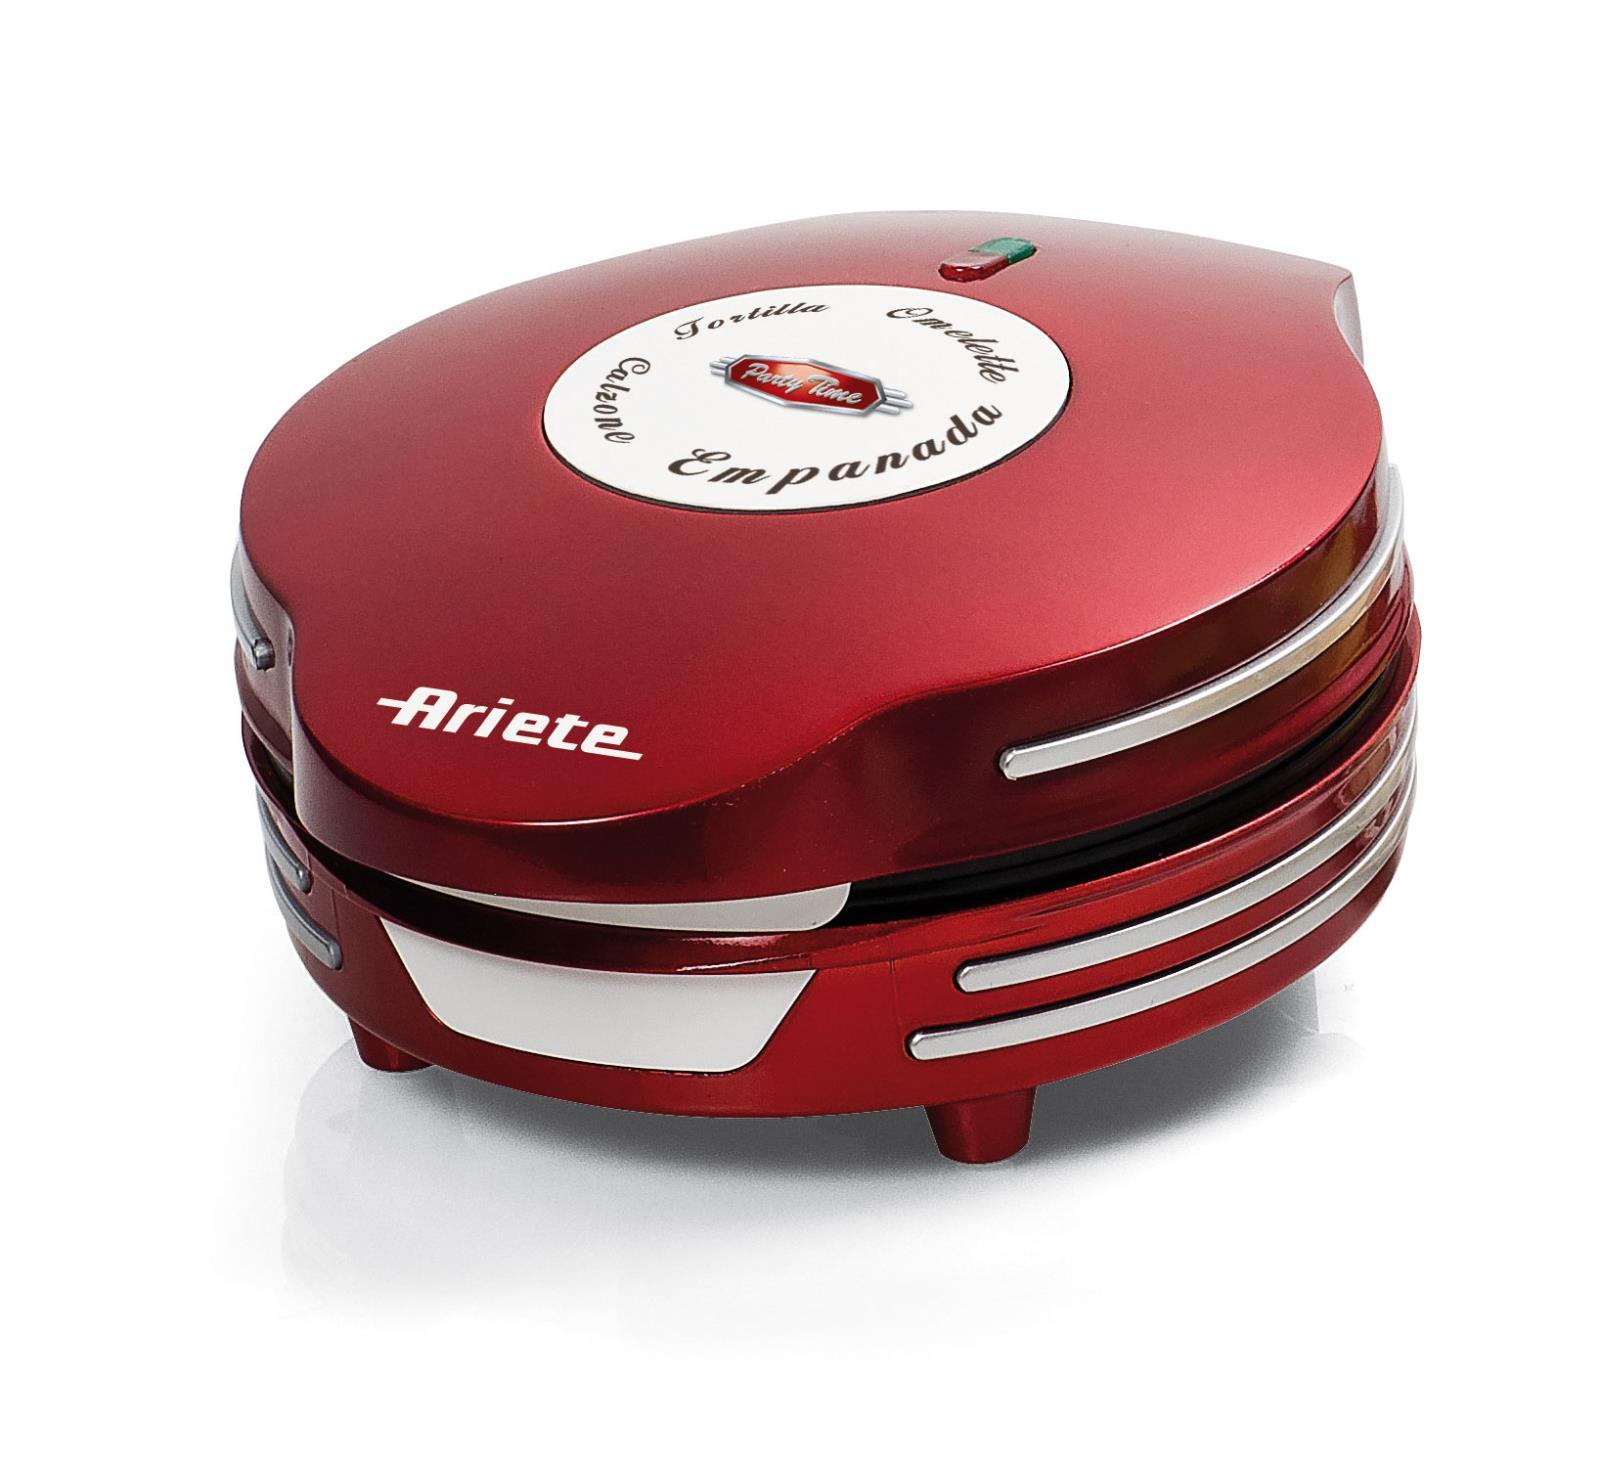 ariete-muffin-cupcake-maker-3